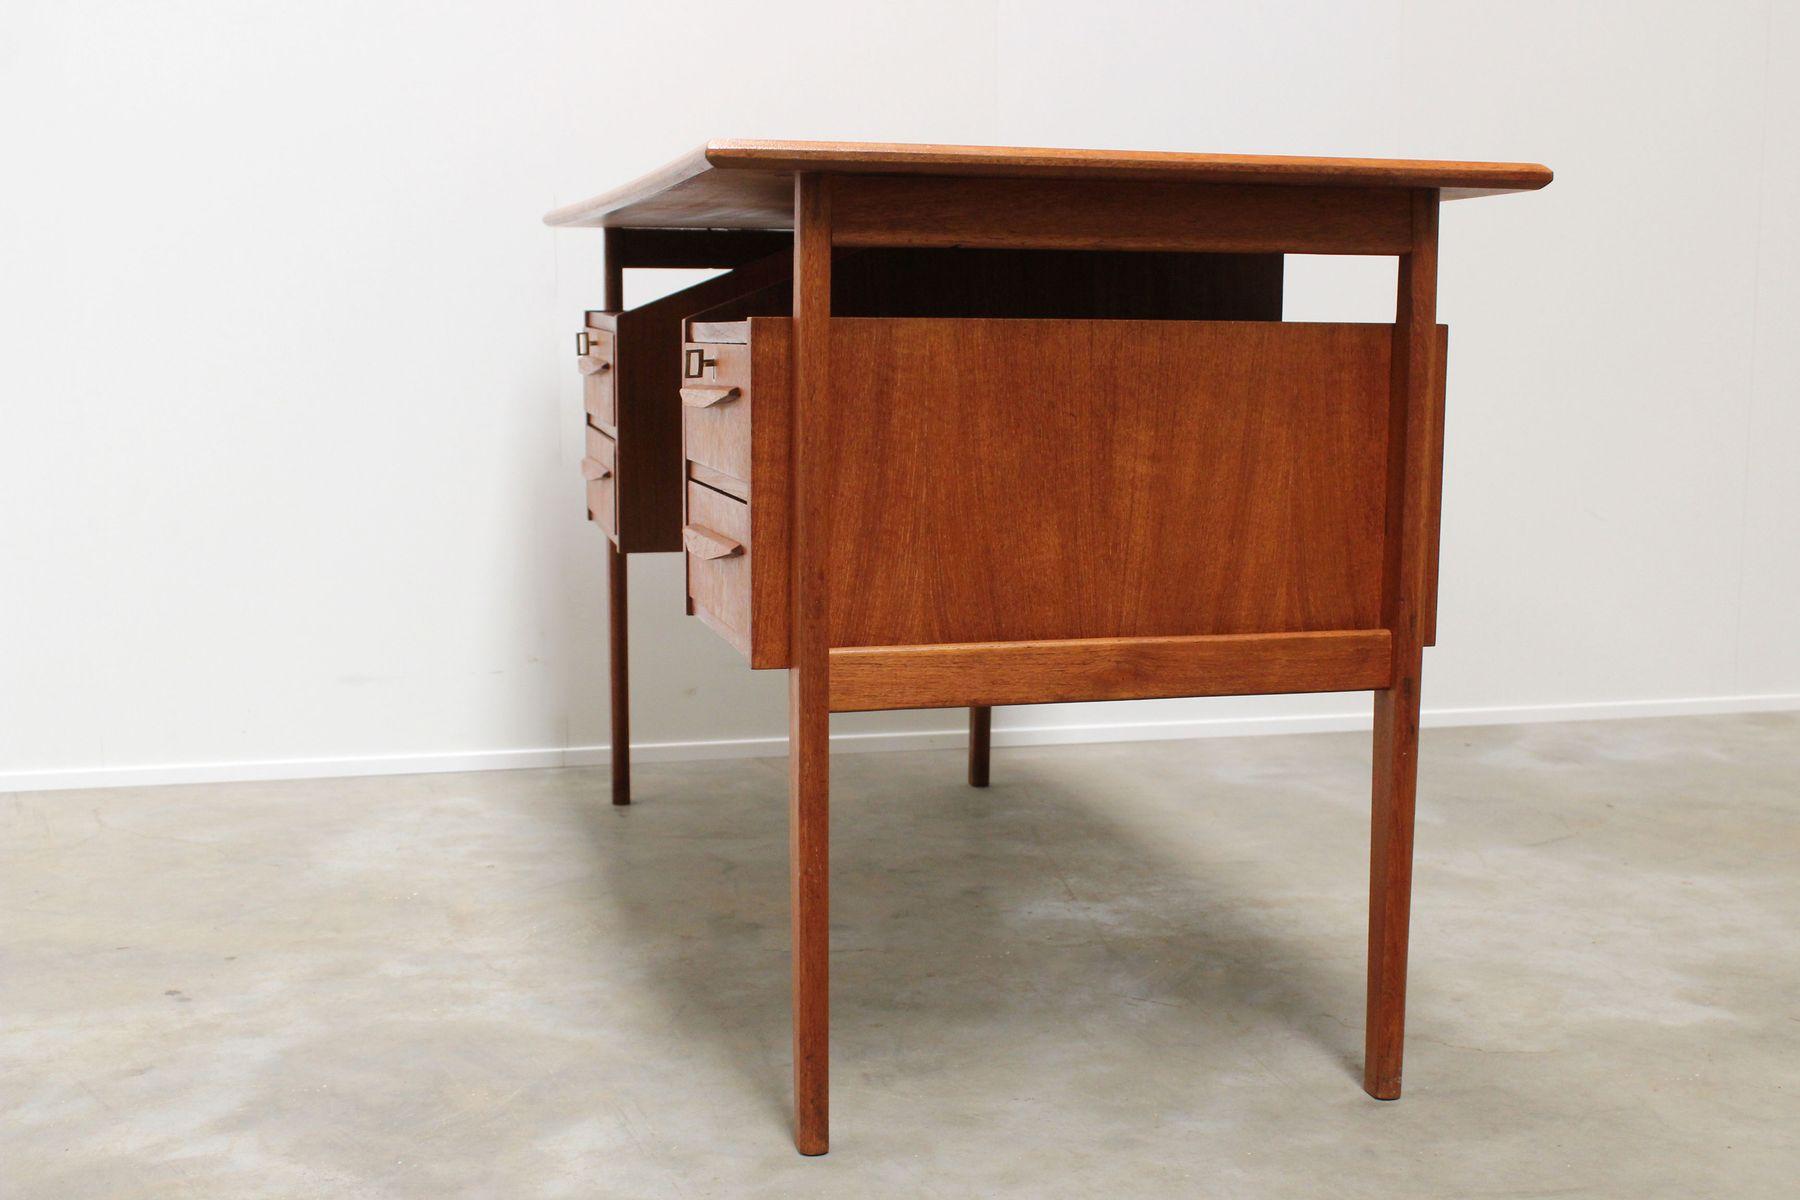 d nischer teak schreibtisch mit schwebender arbeitsplatte. Black Bedroom Furniture Sets. Home Design Ideas